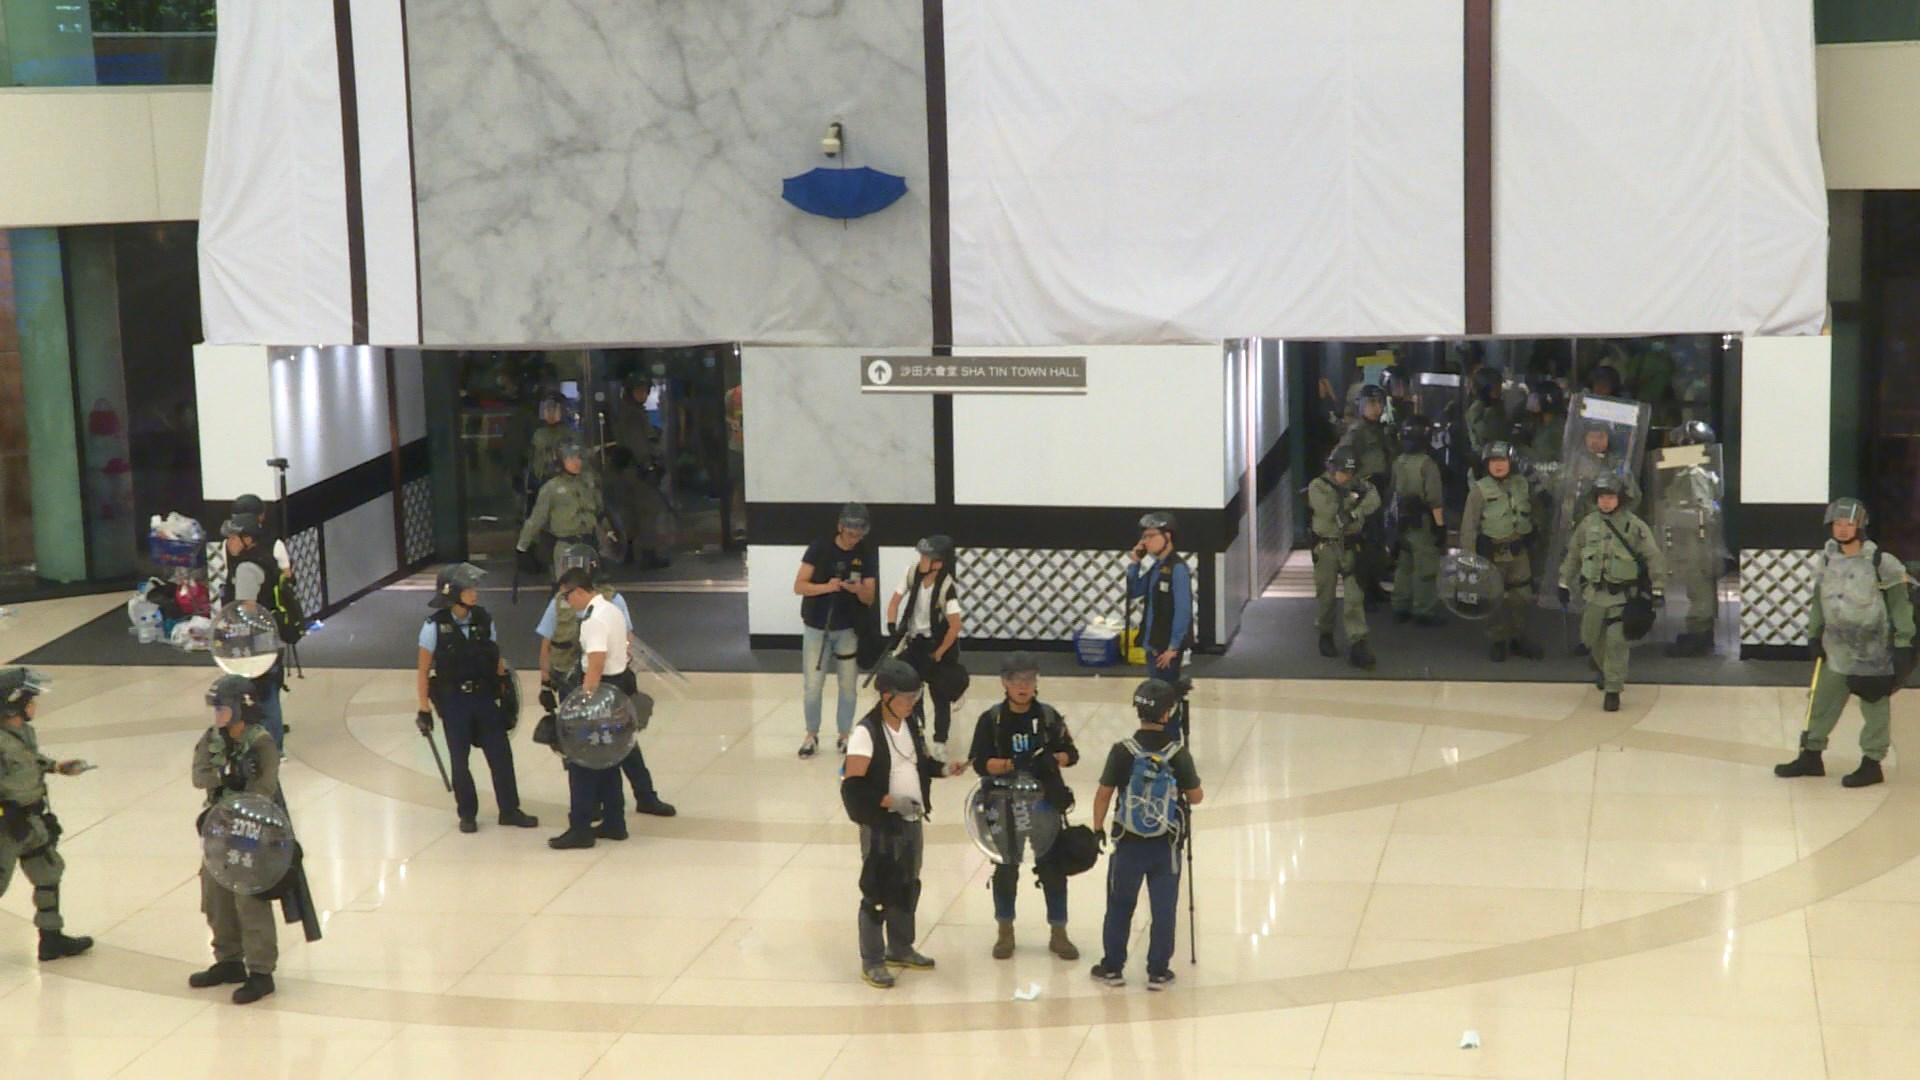 有大律師稱警方進入商場清場或違反警察通例